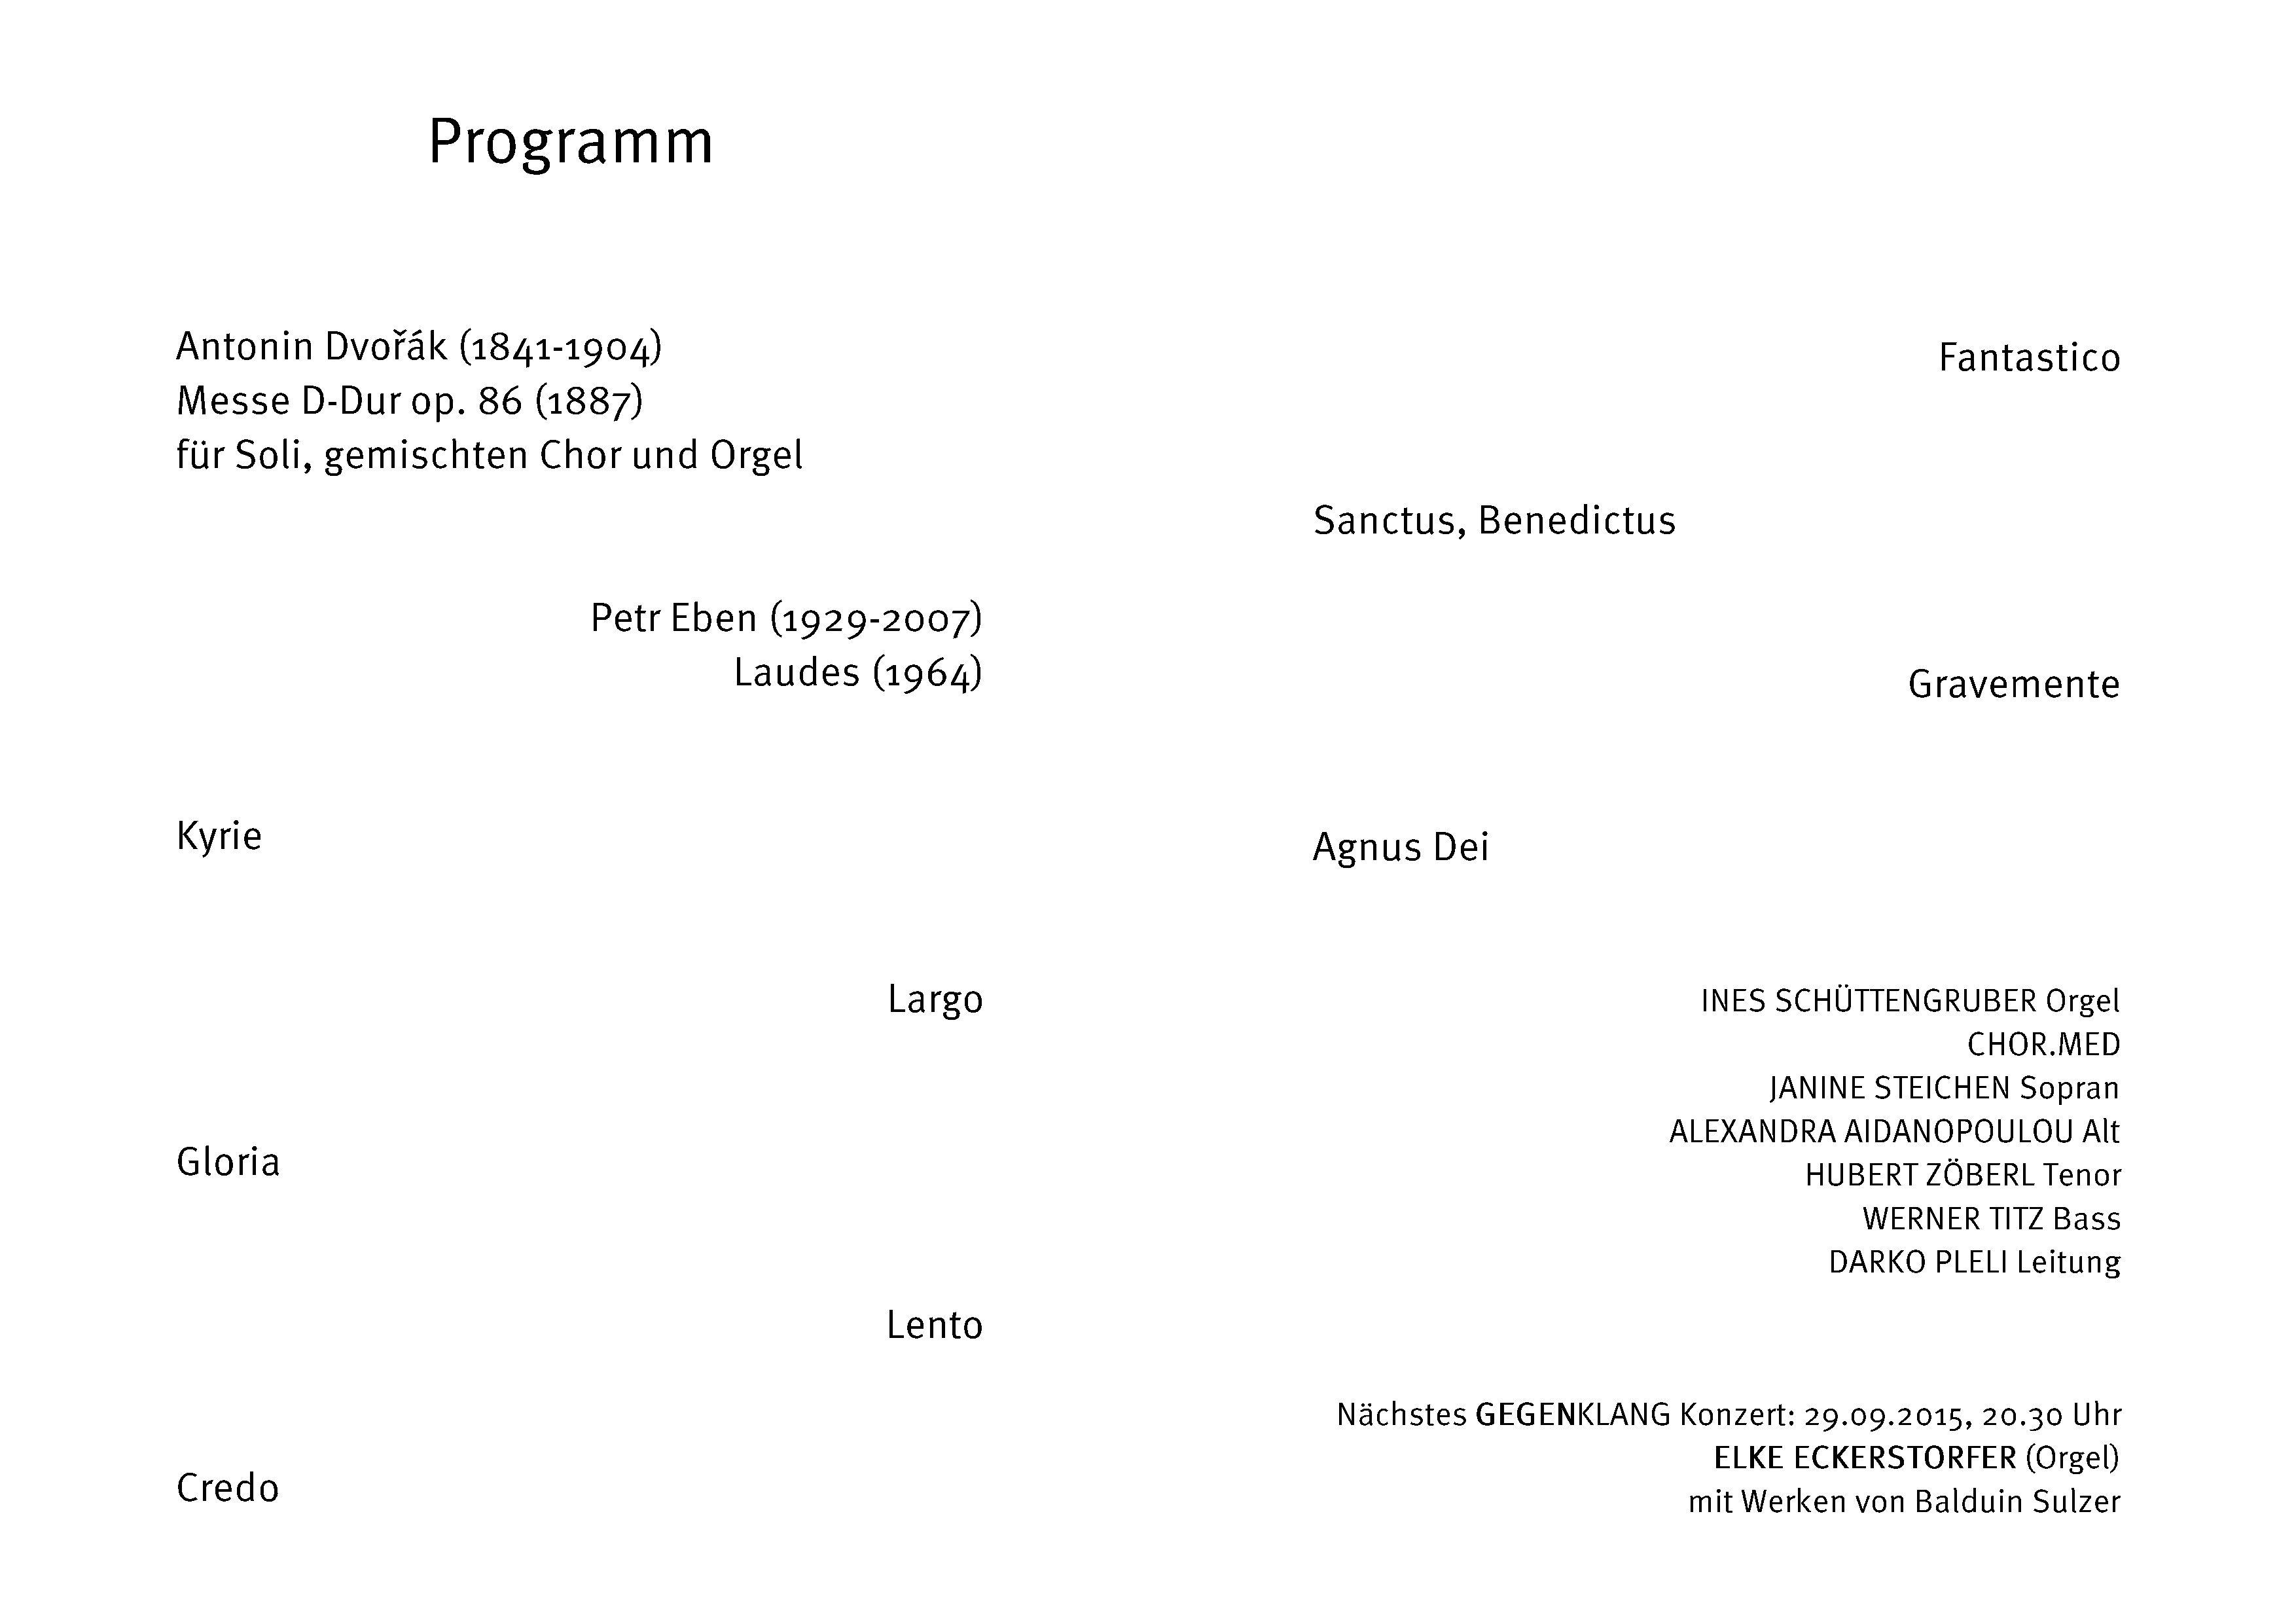 Programm 14-15 V zweite Seite